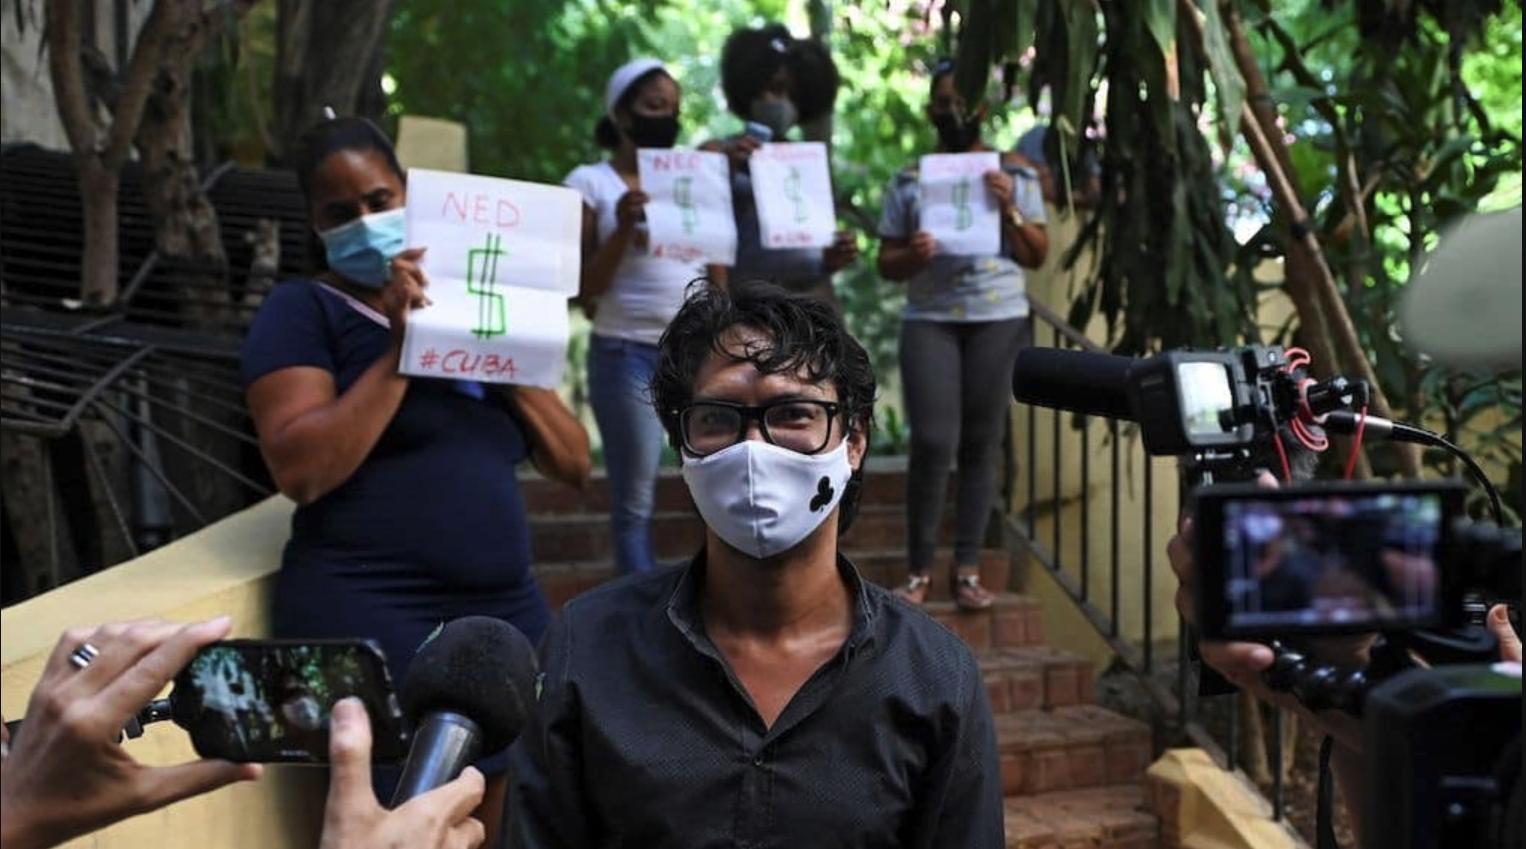 regimen asedia y arresta a promotores de la marcha del 15 de noviembre en cuba